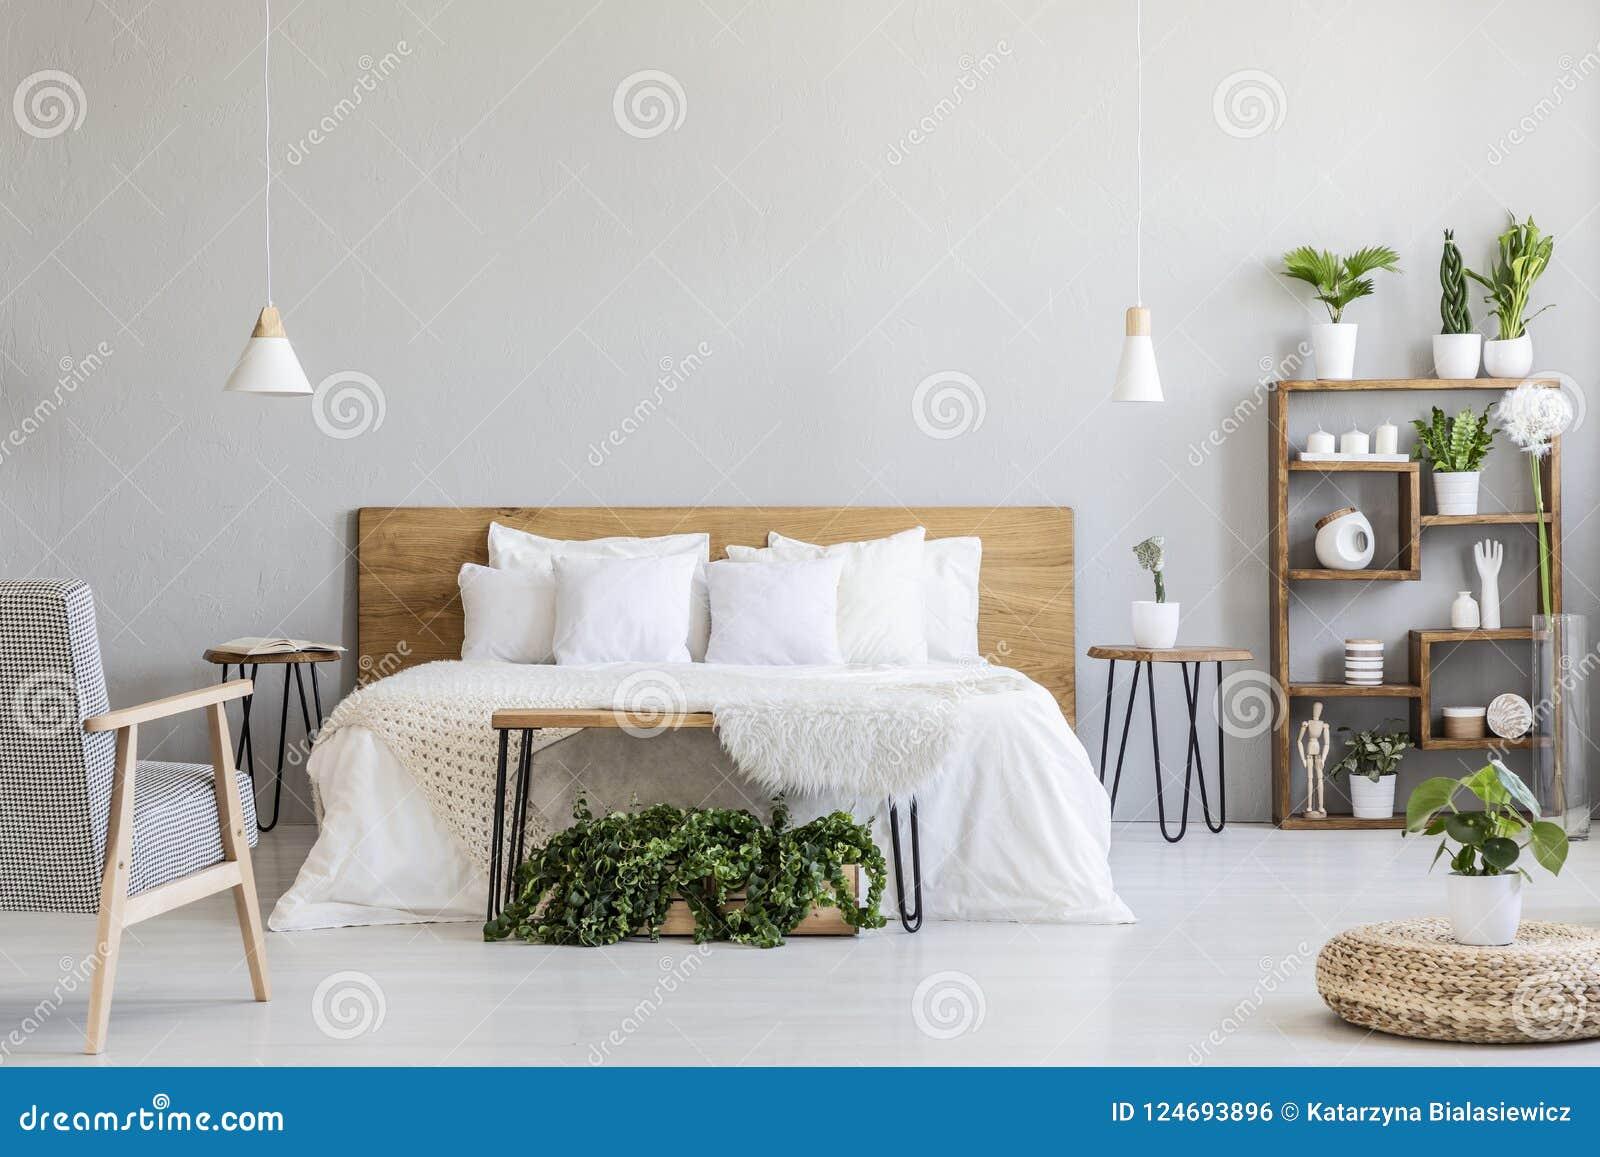 Poltrona modelada perto da cama de madeira branca no interior cinzento do quarto com pufe e plantas Foto real